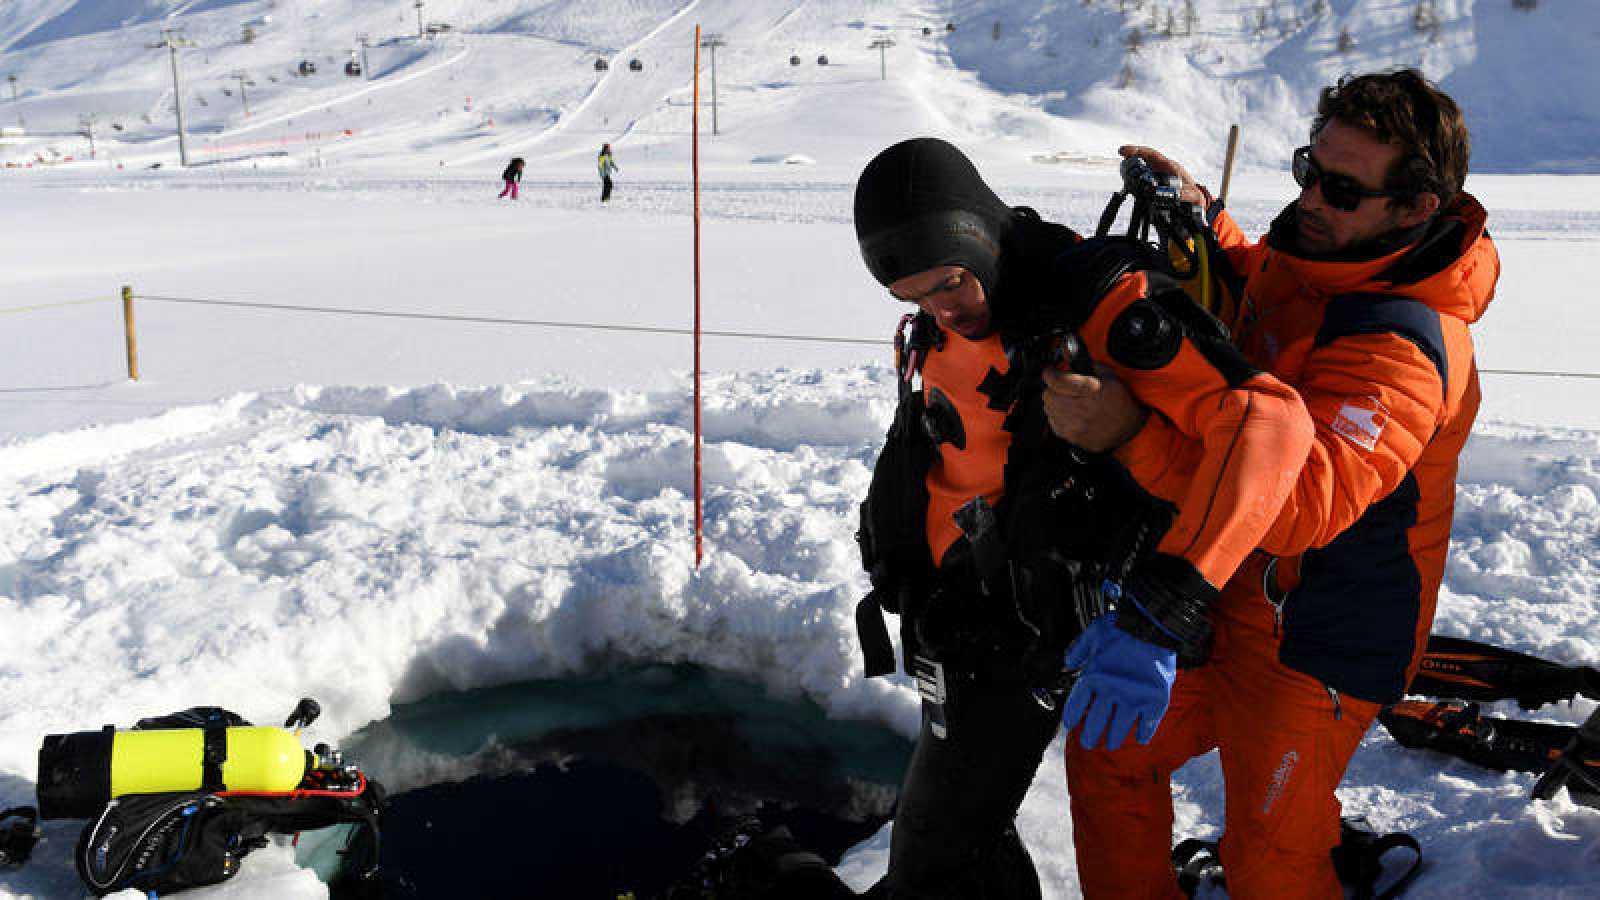 Un turista se prepara para bucear bajo el hielo en los Alpes